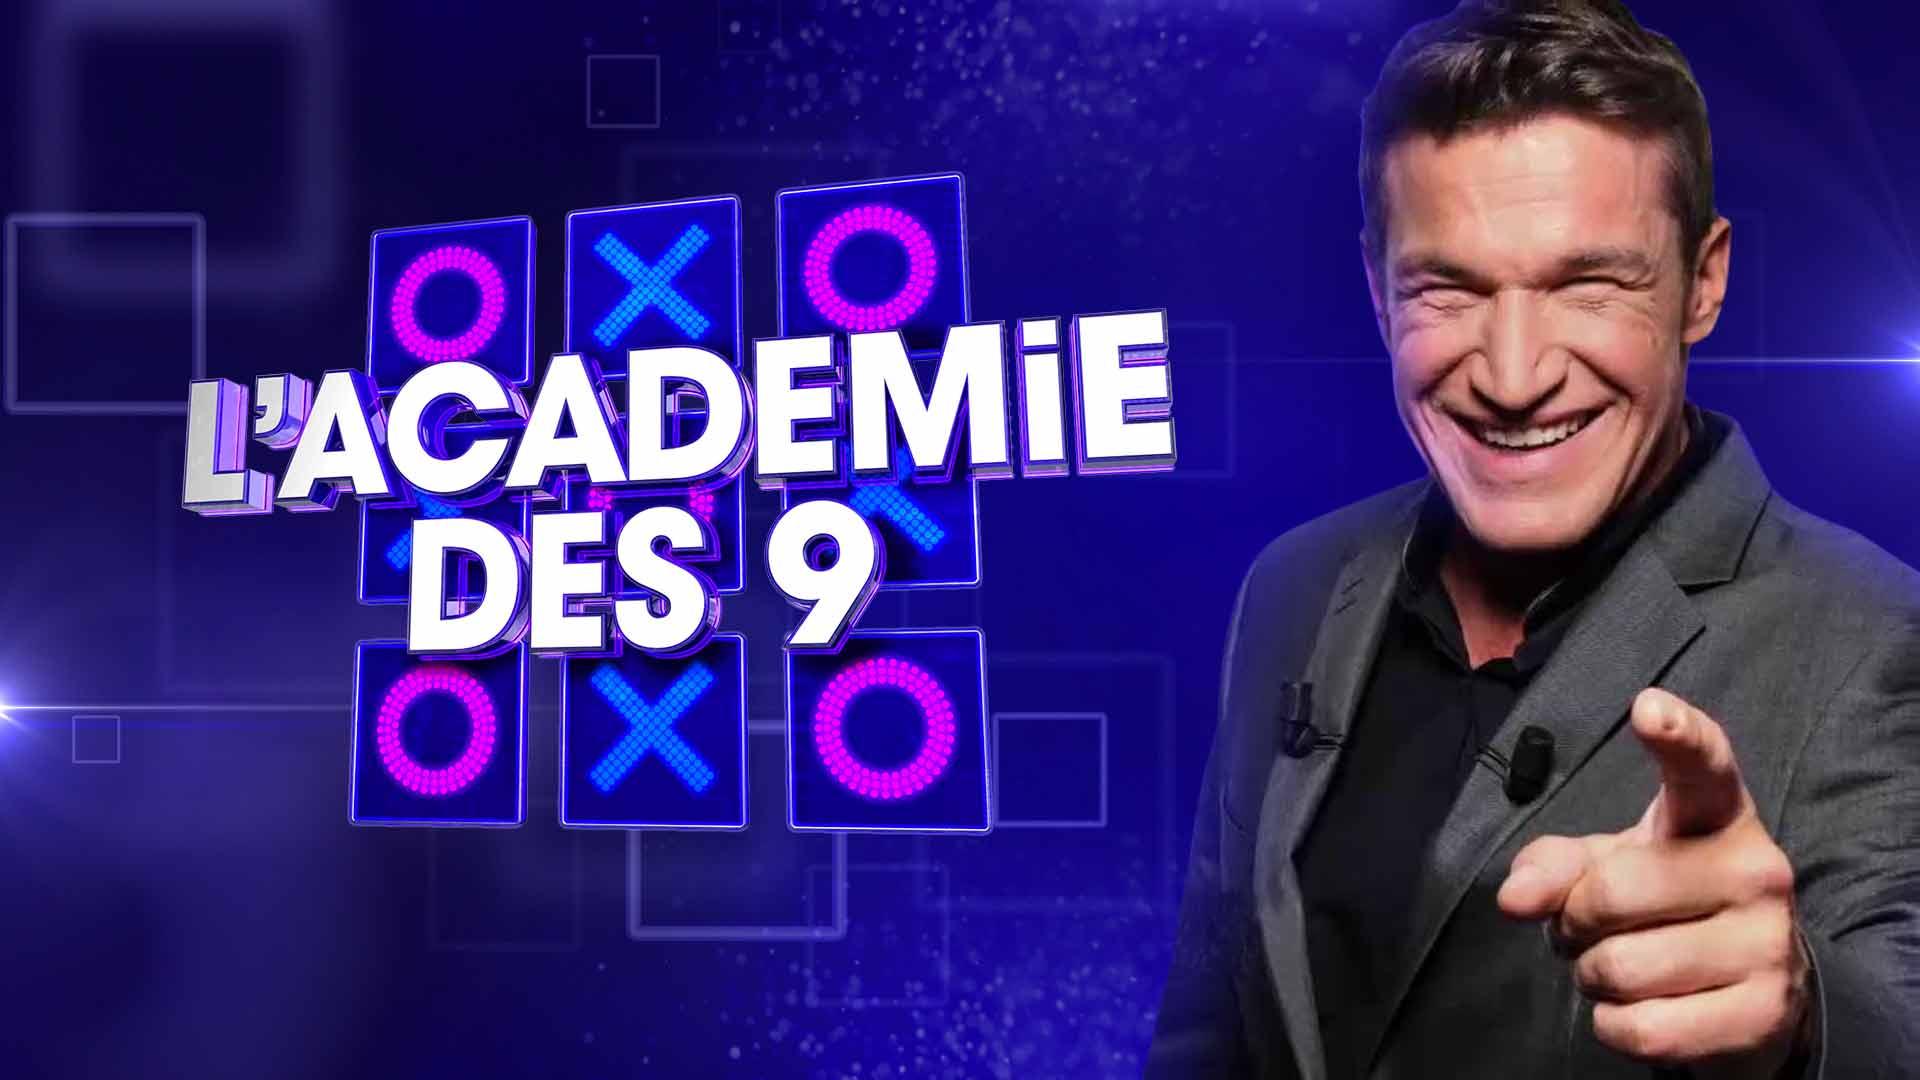 L'ACADÉMIE DES 9